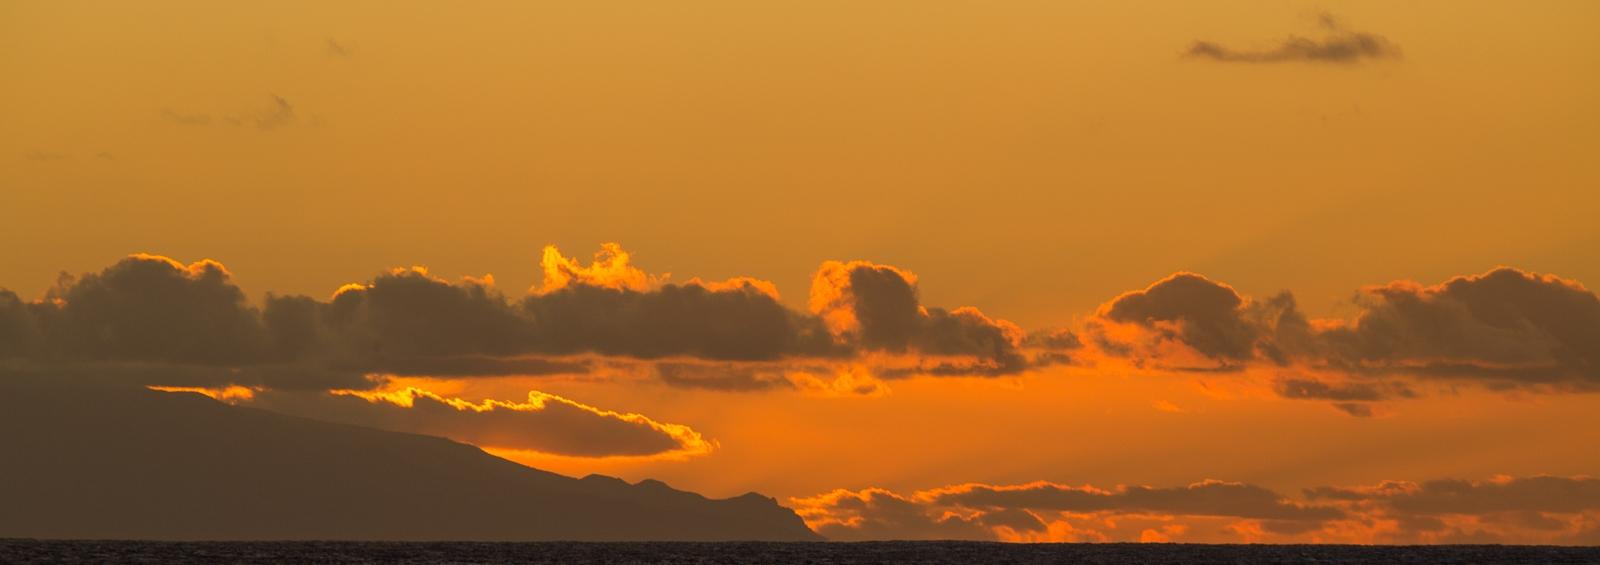 xmas-day-sunset-1